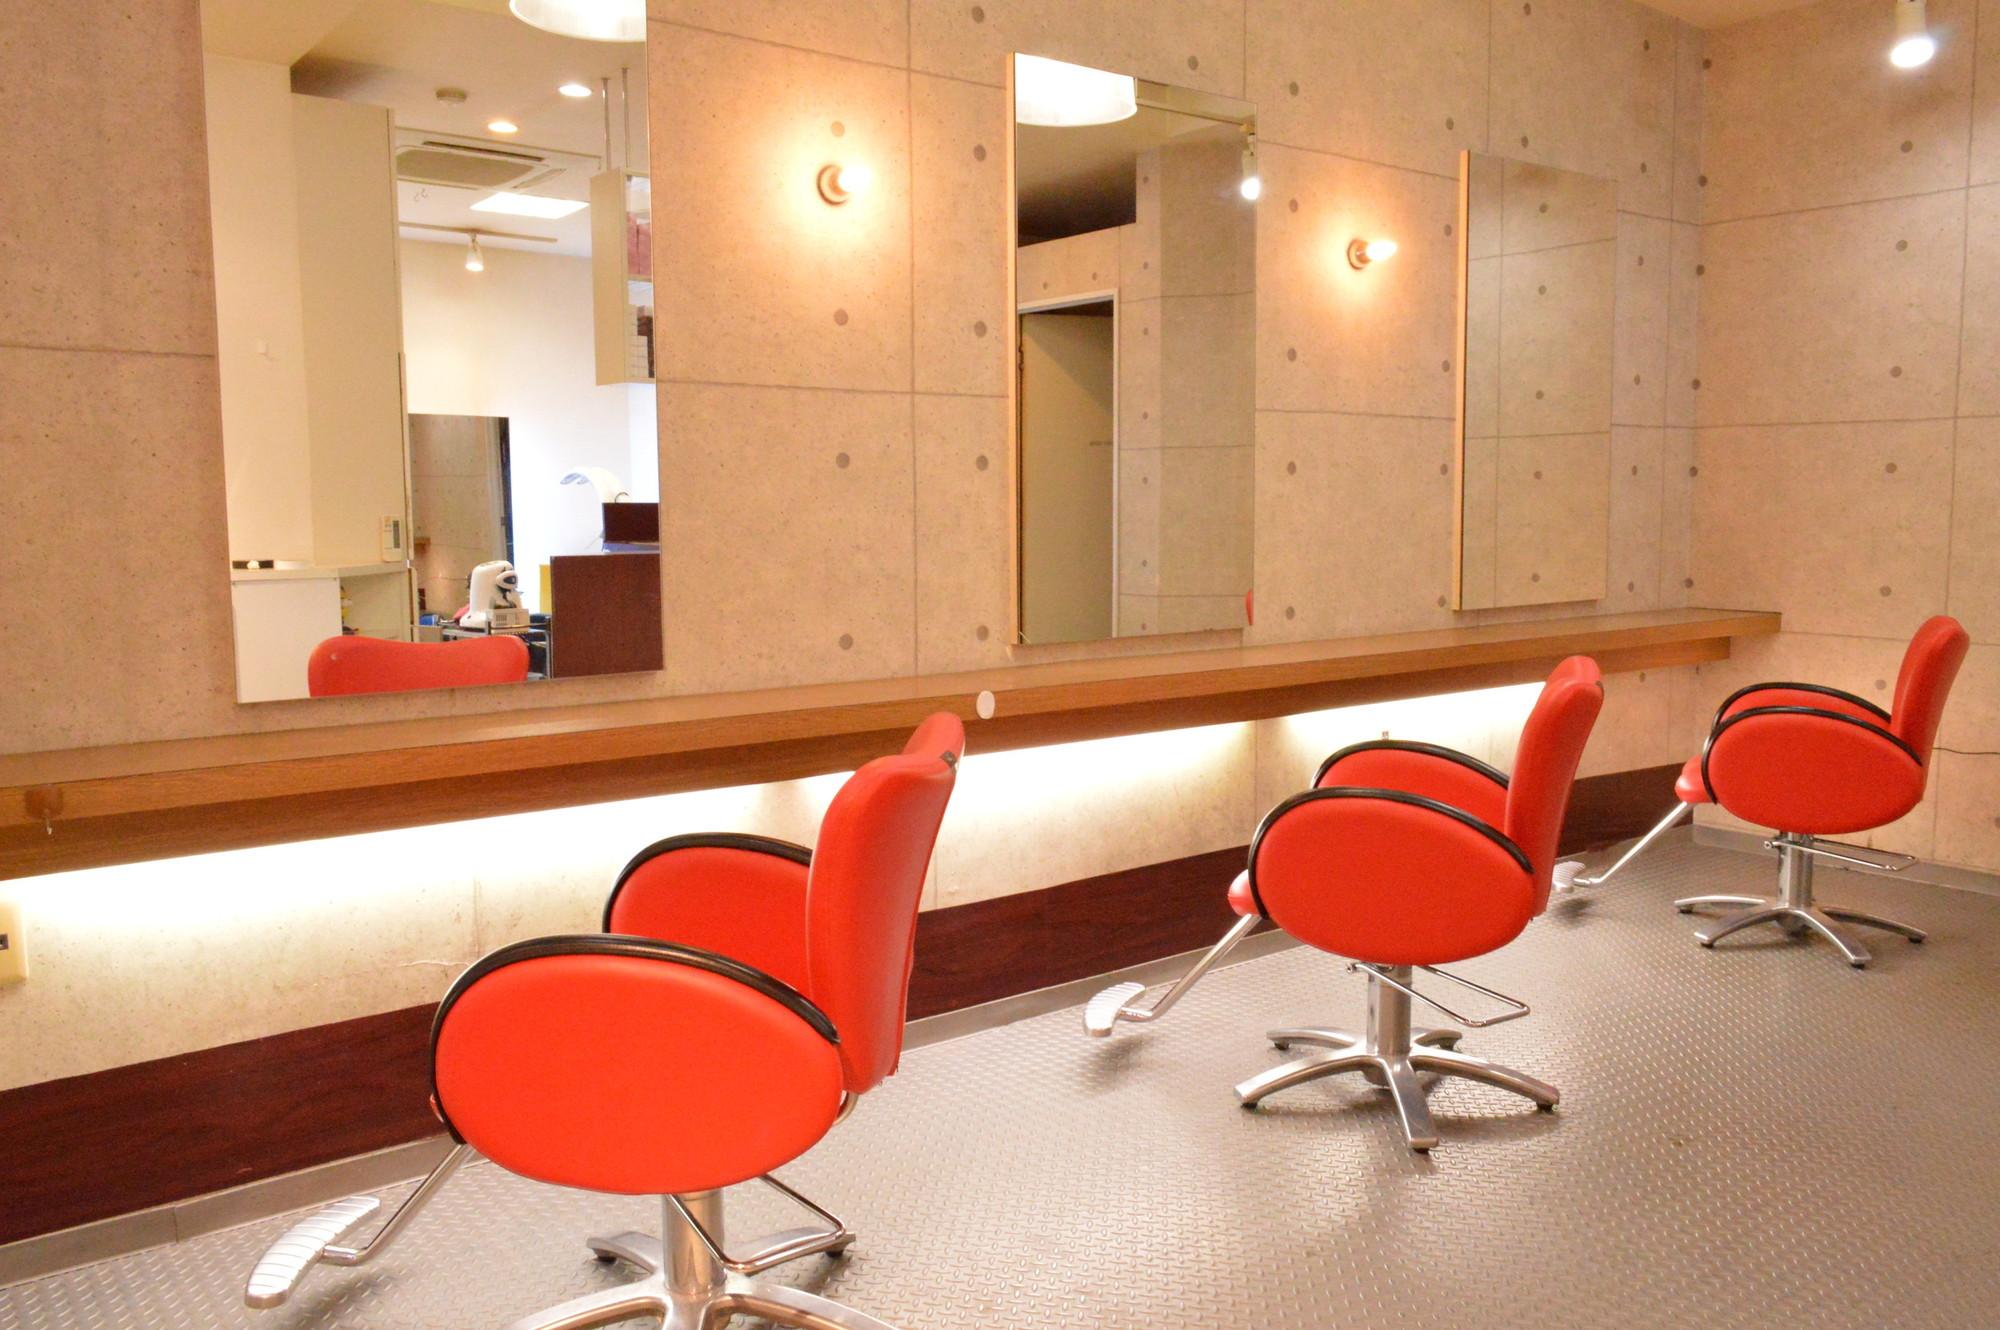 センター南 美容室 Hair Studio R(ヘアースタジオ アール)